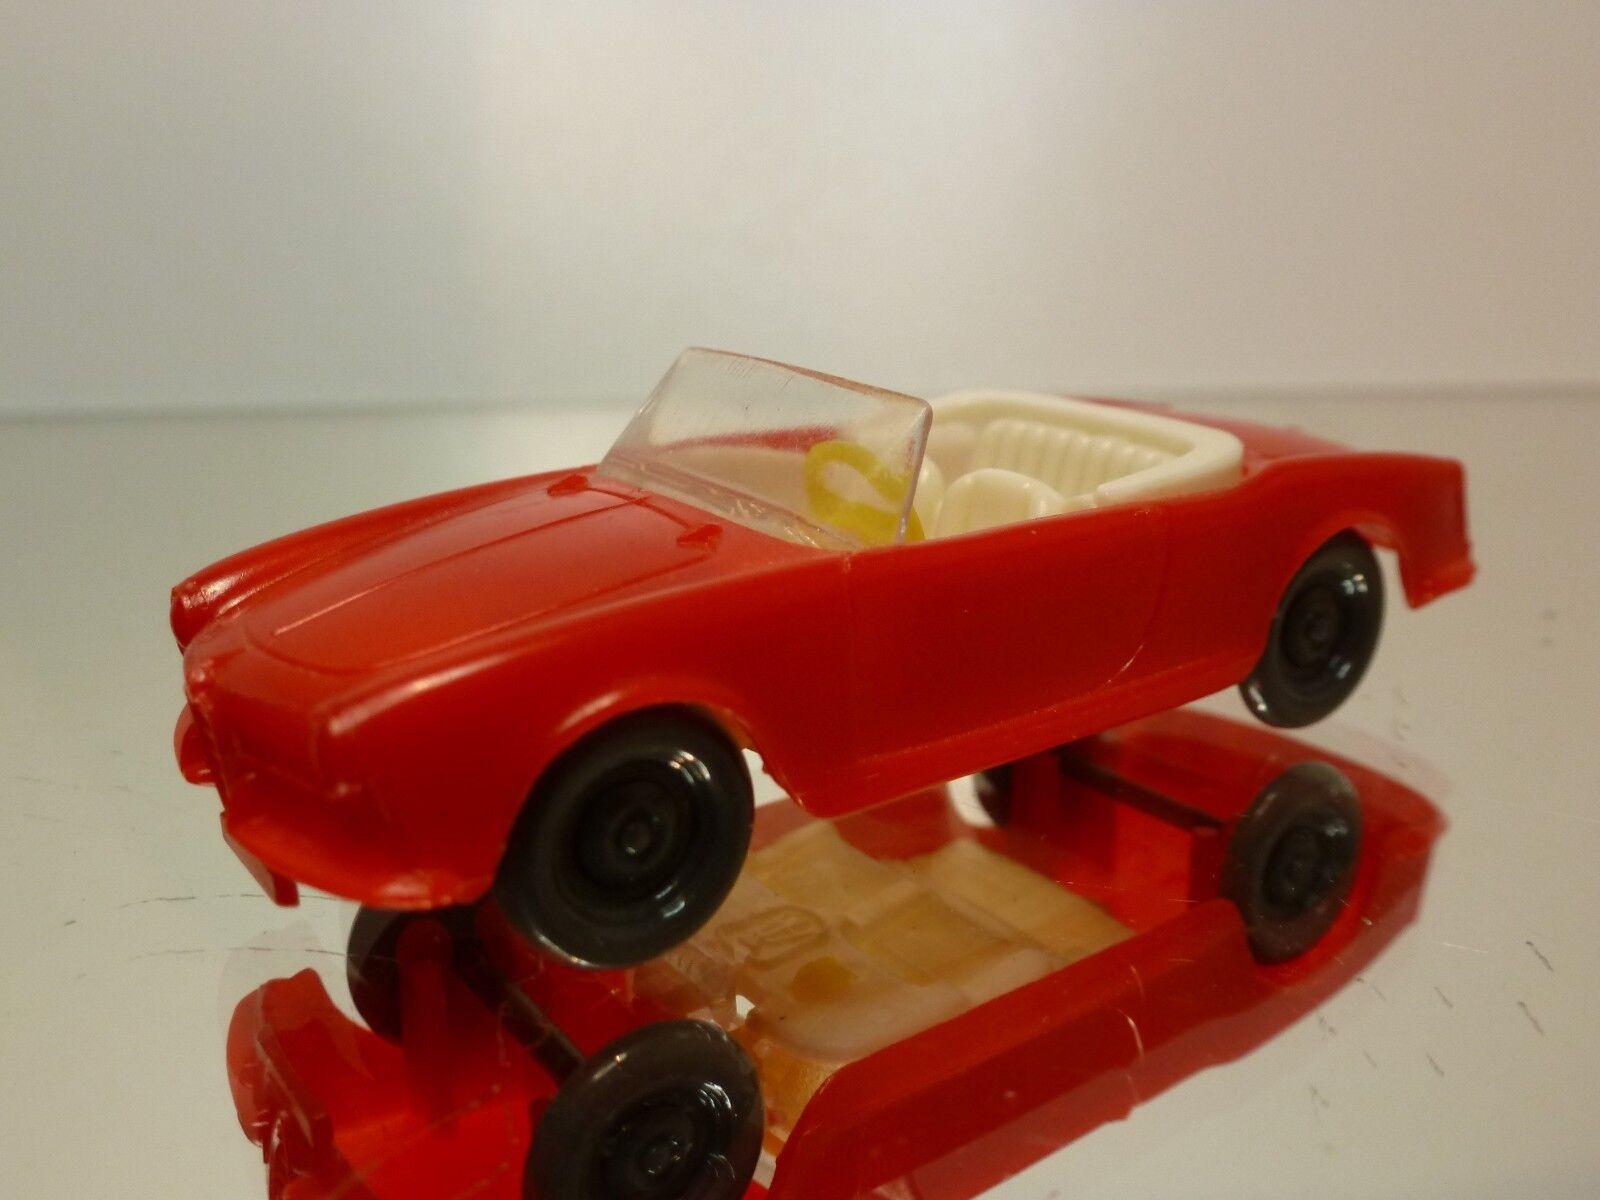 HAMMER GERMANY 4 ALFA ROMEO GIULIETTA SPIDER - rosso L7.5cm - GOOD  REPLICA IMPY